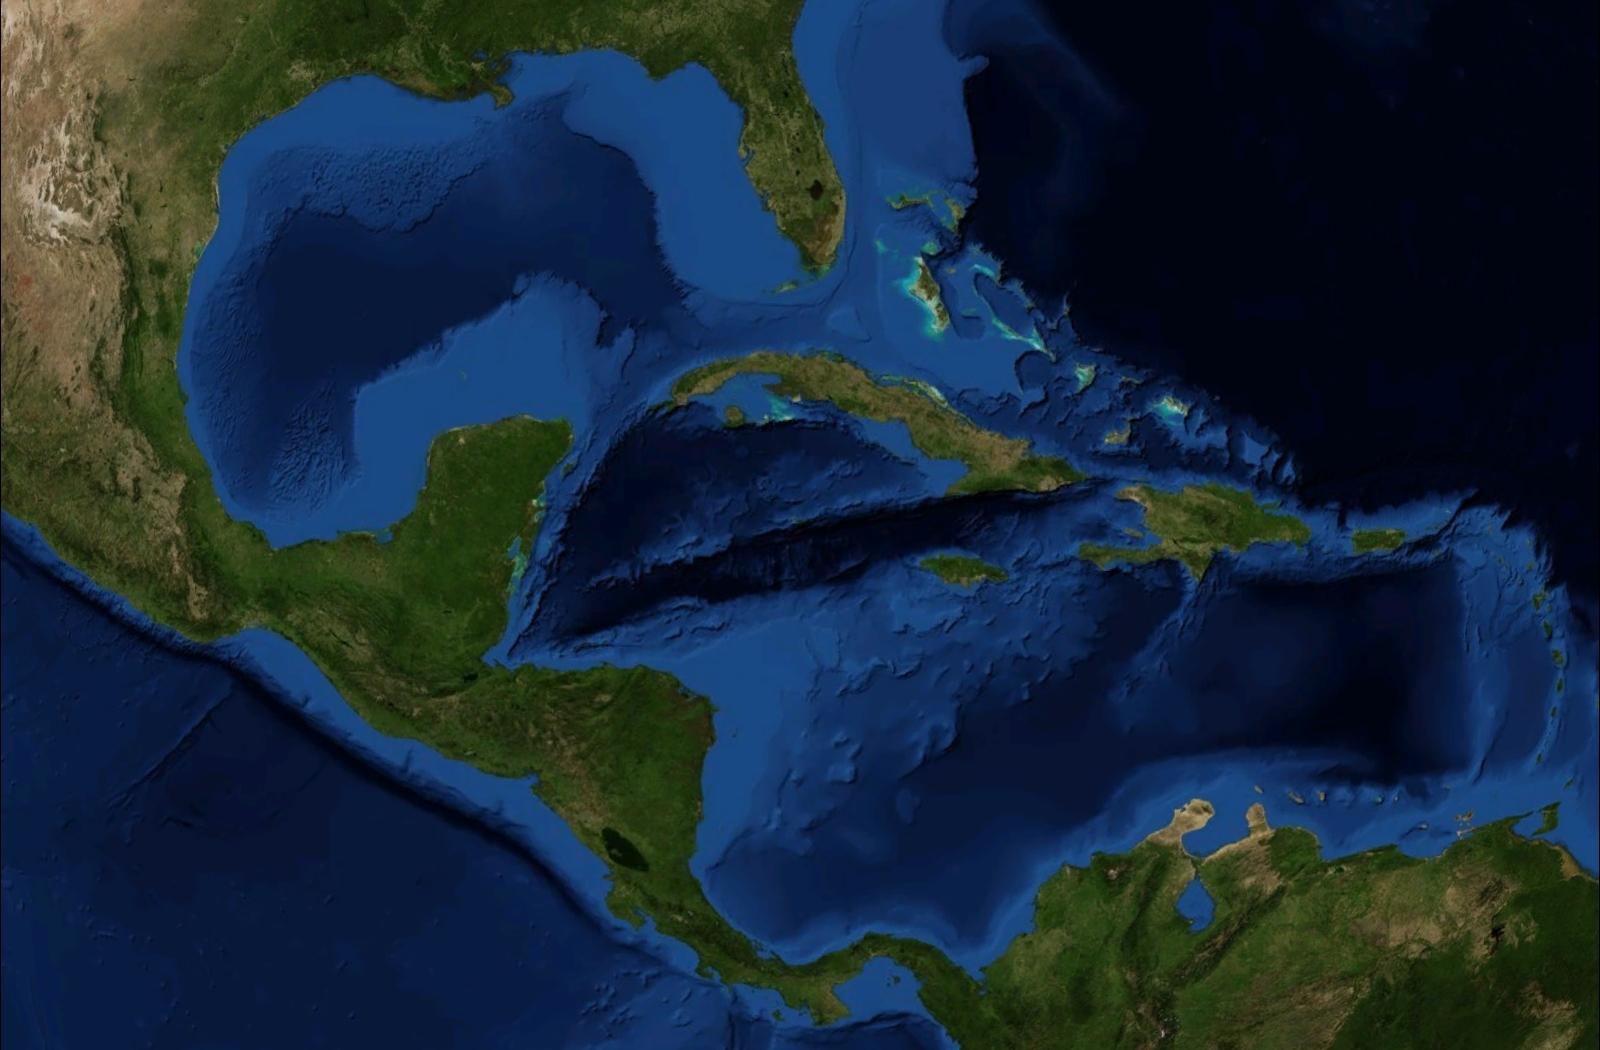 Géographie de la Caraïbe